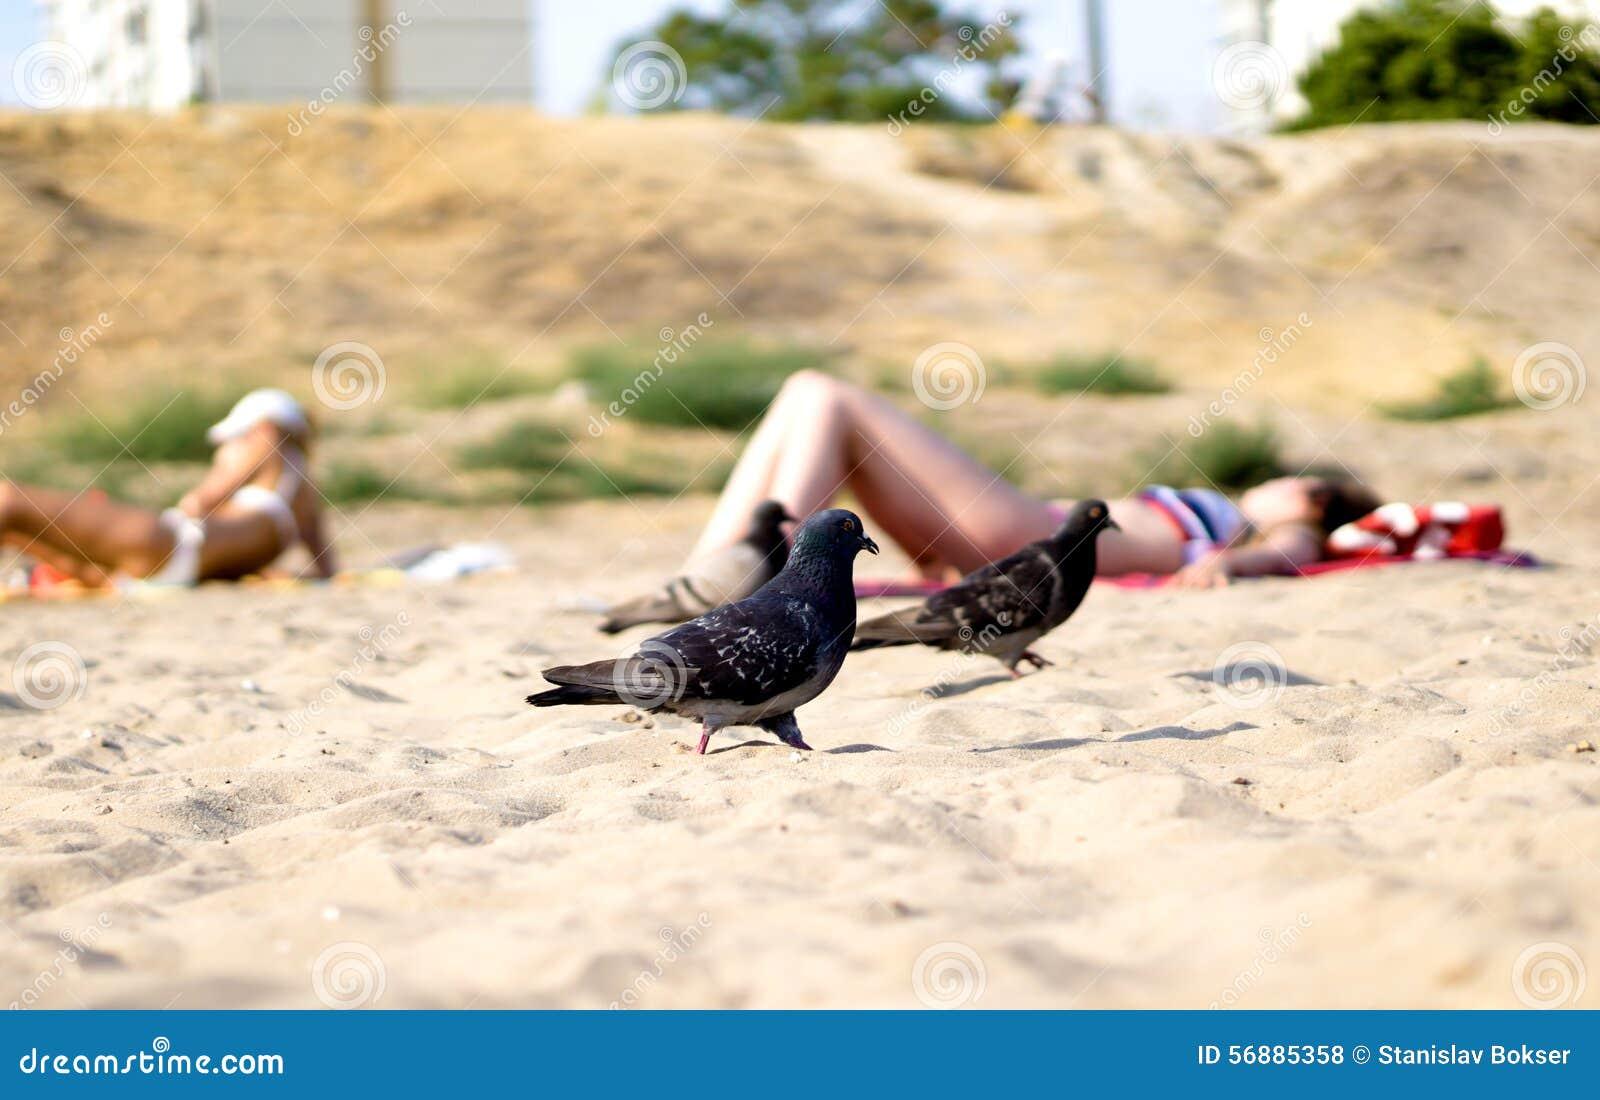 Gruppo di piccioni affamati